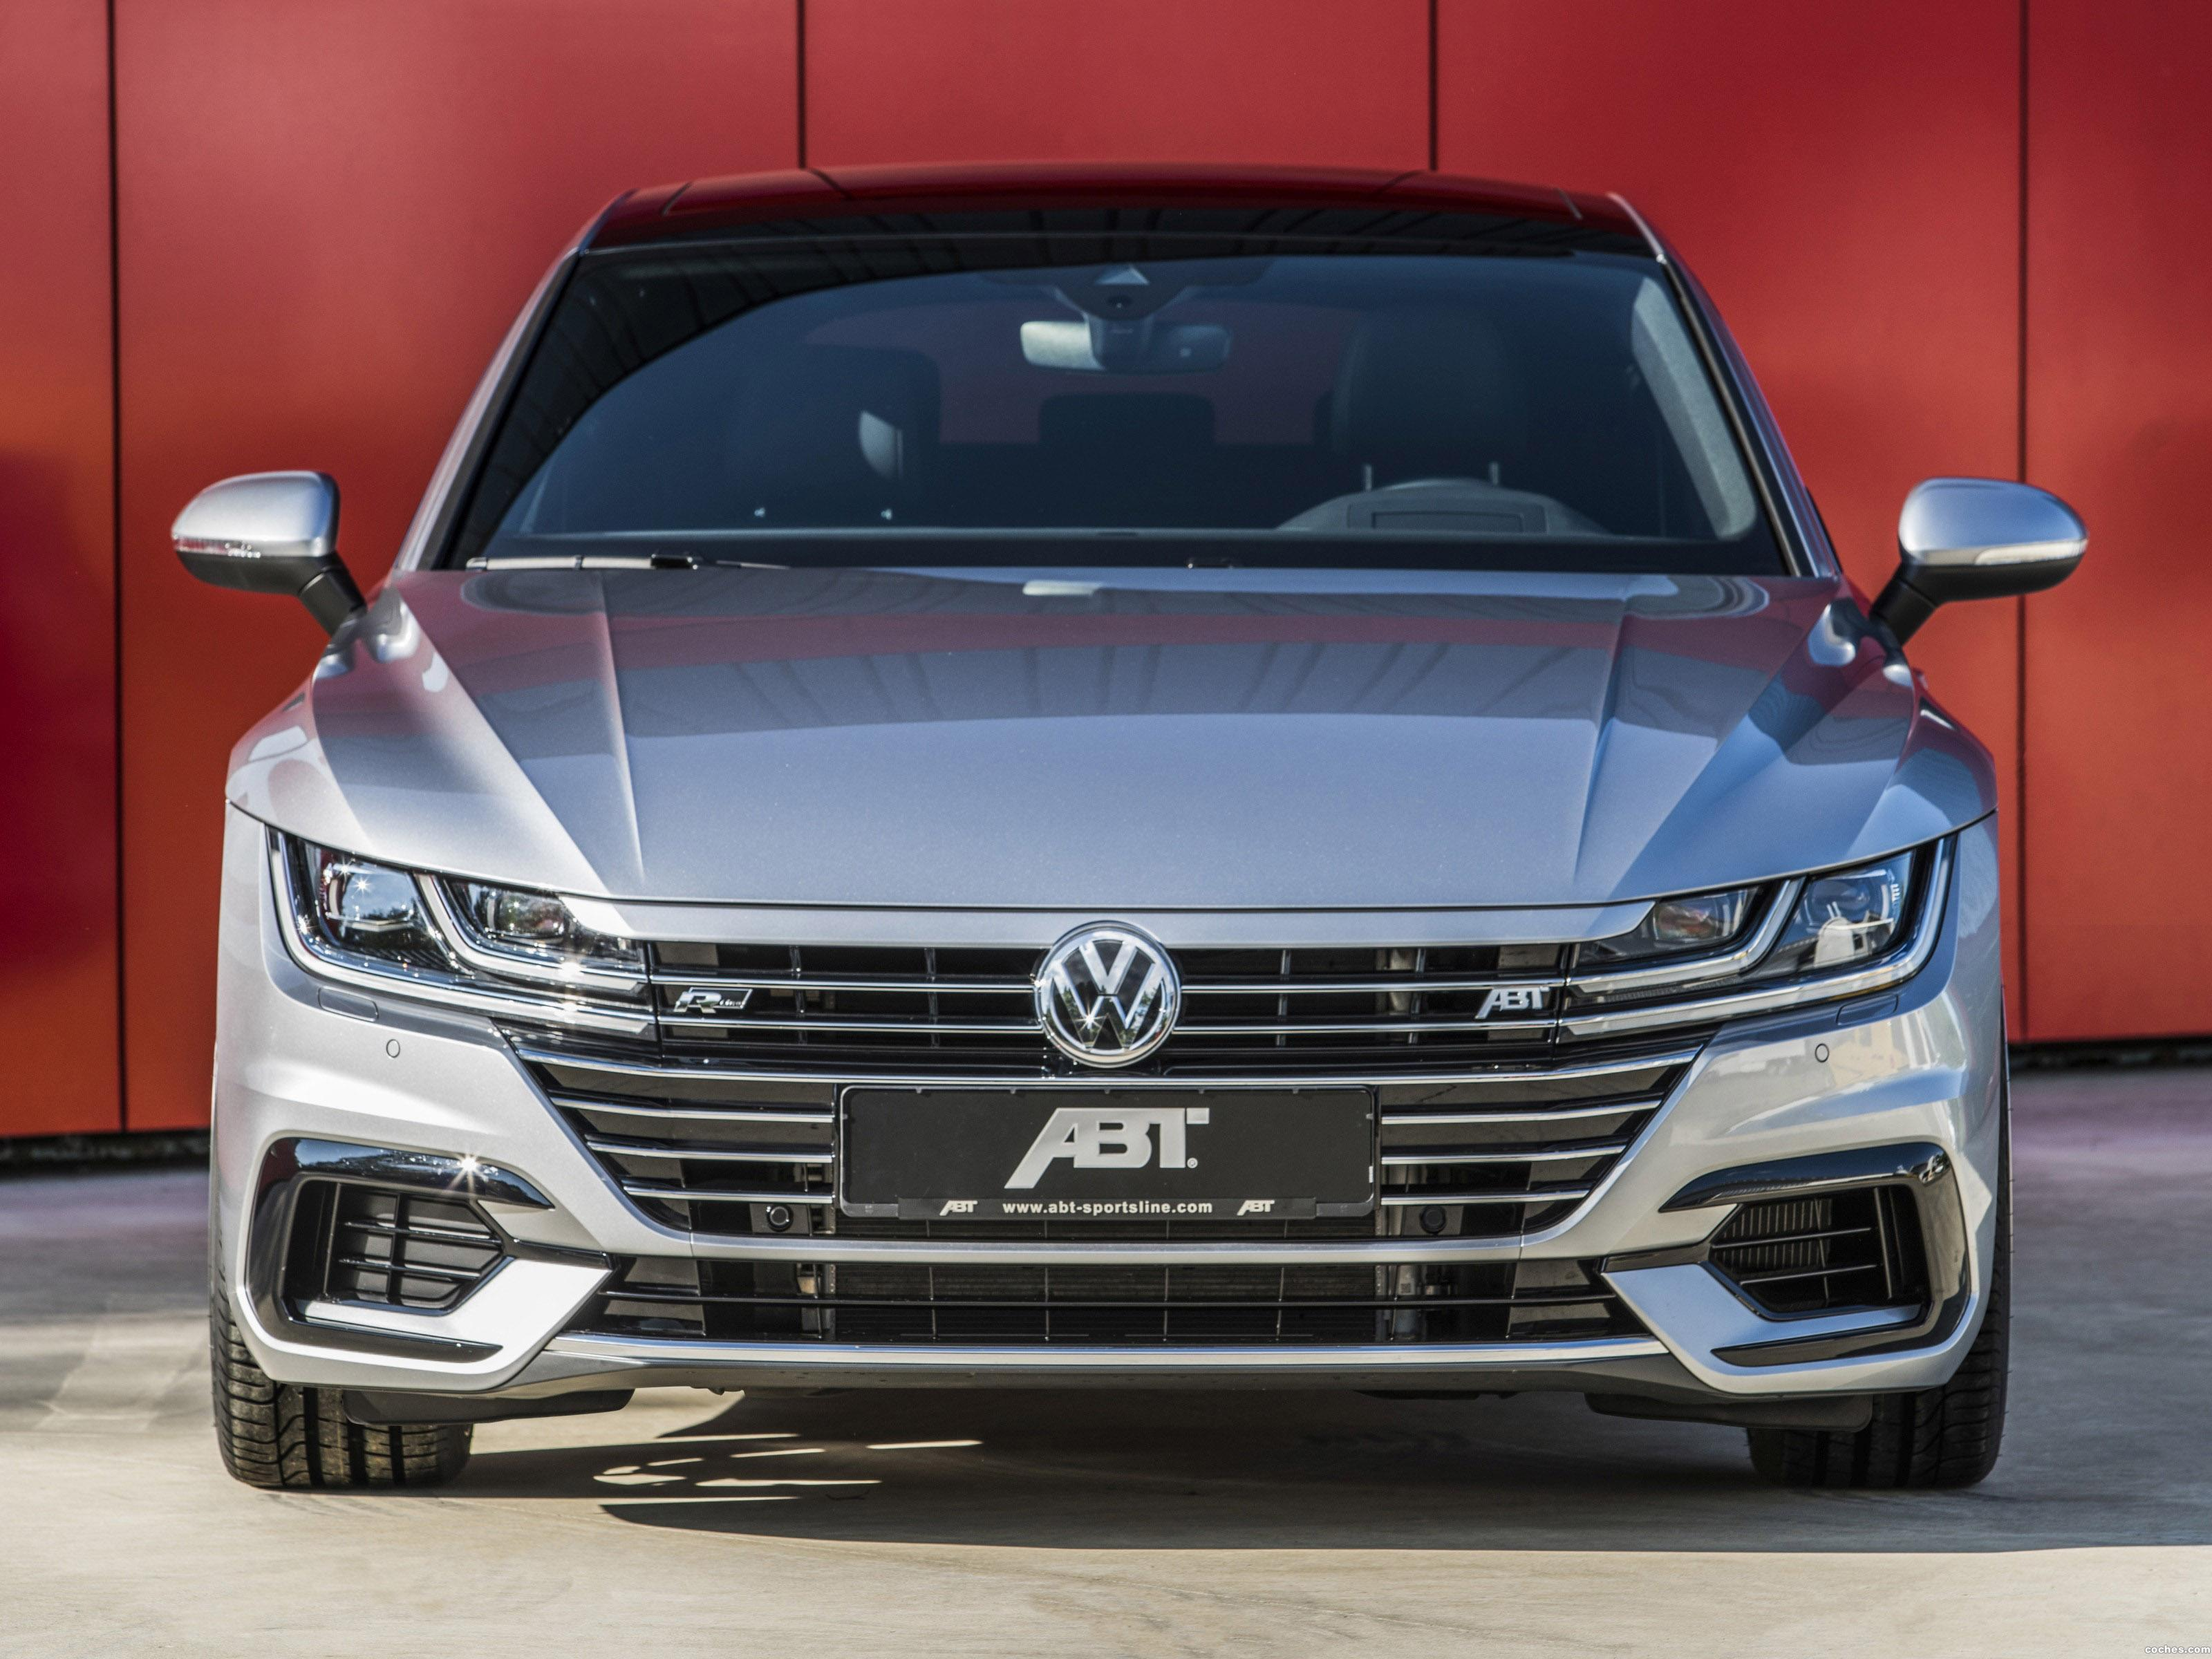 Foto 0 de ABT Volkswagen Arteon 2017